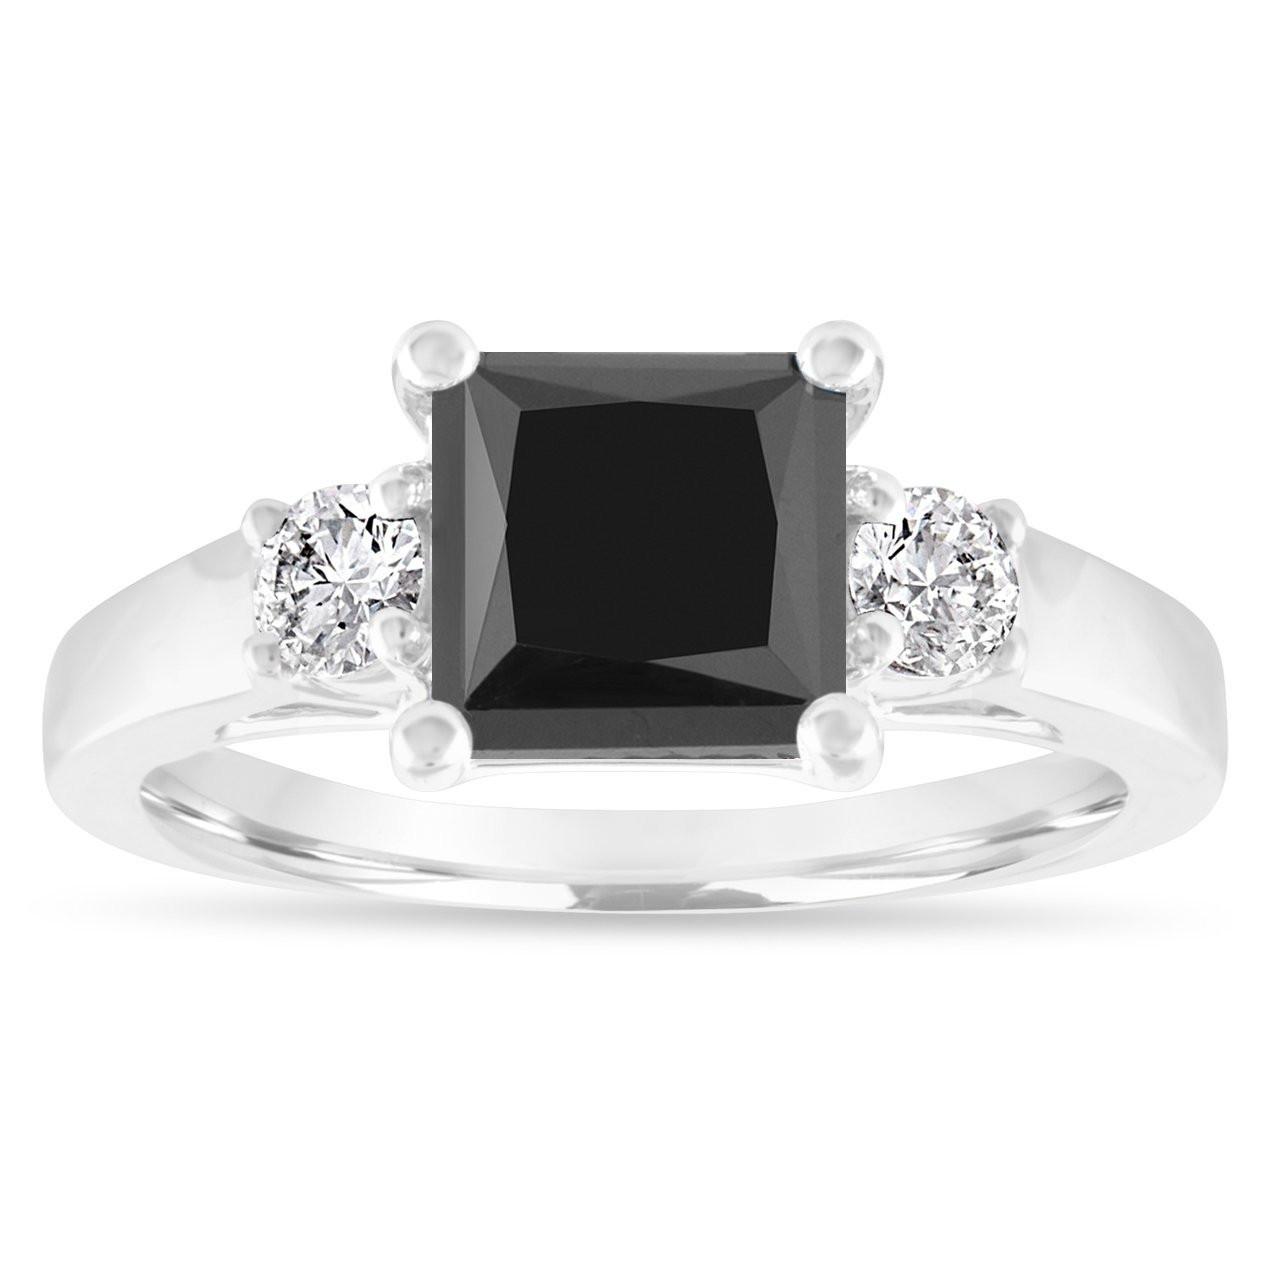 230caratblackdiamondengagementringprincesscutblackandwhitediamondsthreestoneengagementringweddingring14kwhitegold083281535747004: Black Rings Wedding Rings At Reisefeber.org